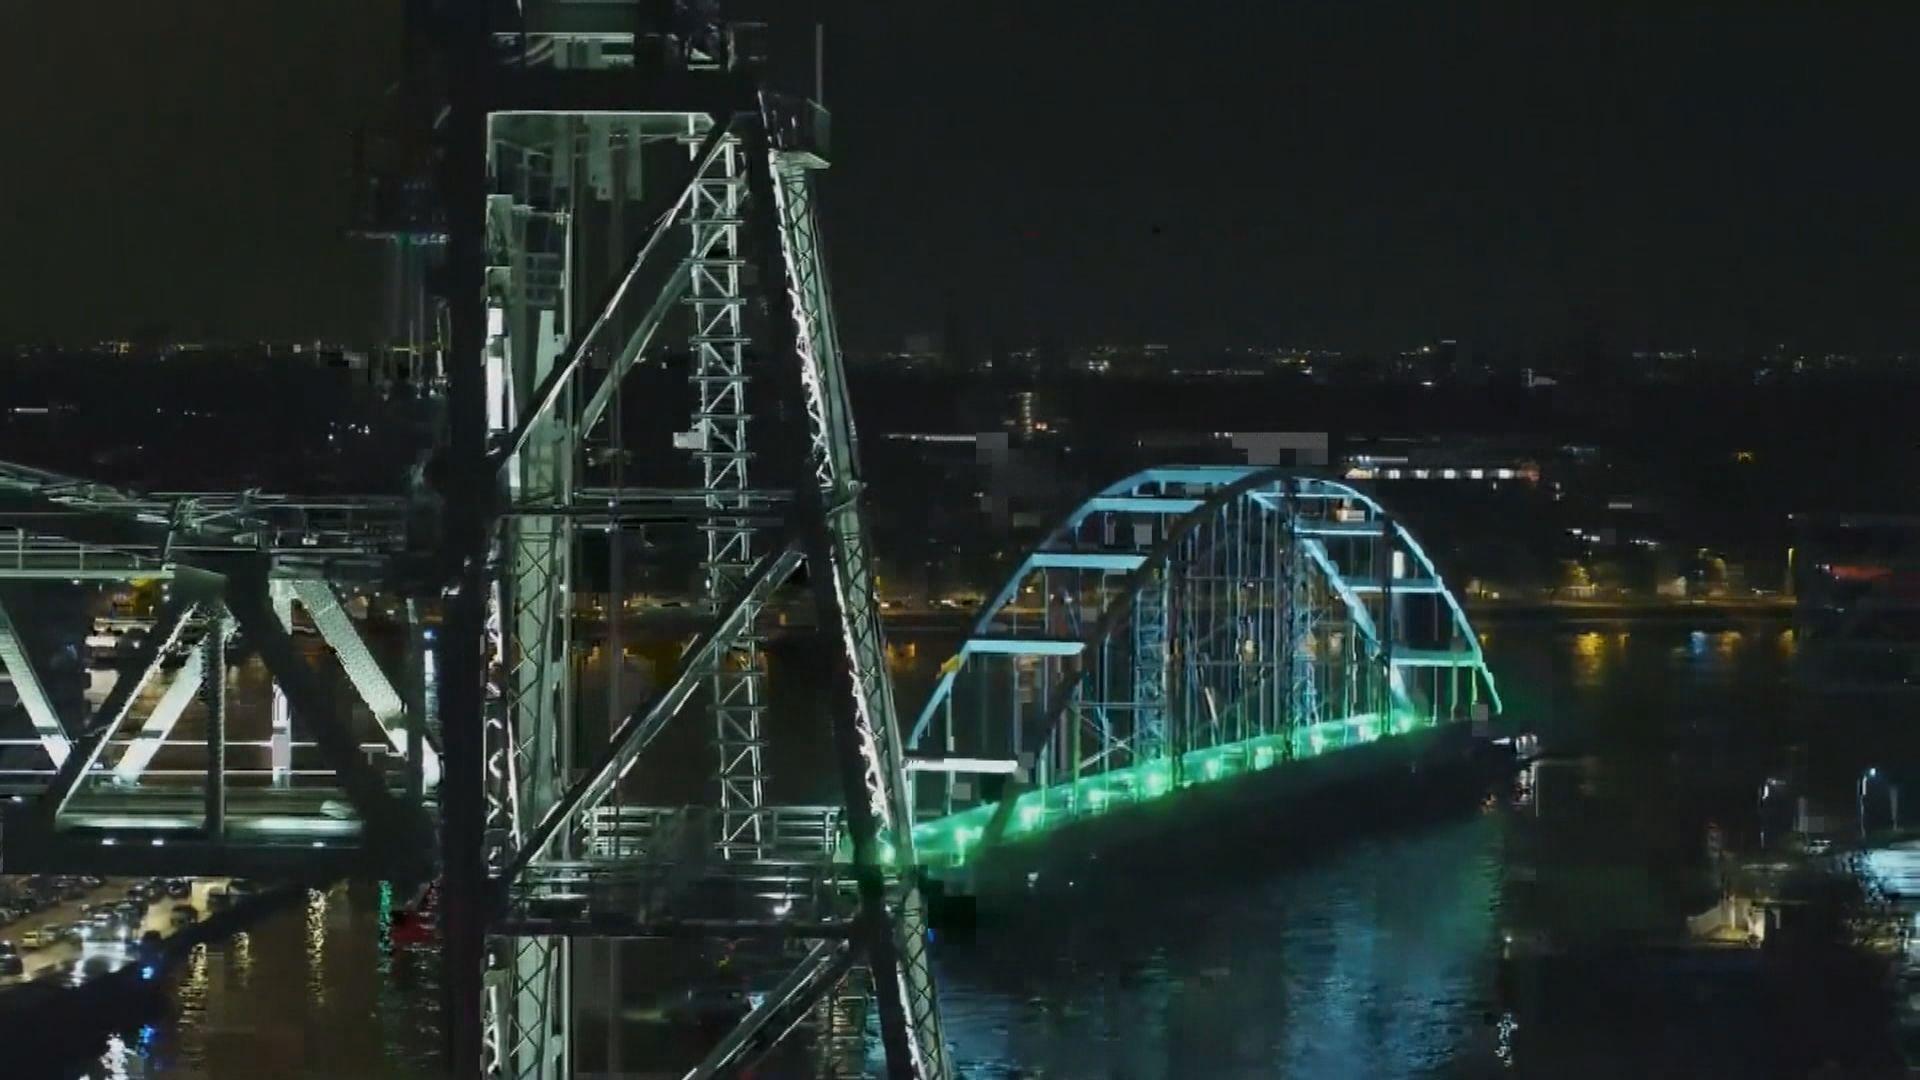 【環球薈報】百米大橋穿梭鹿特丹河道